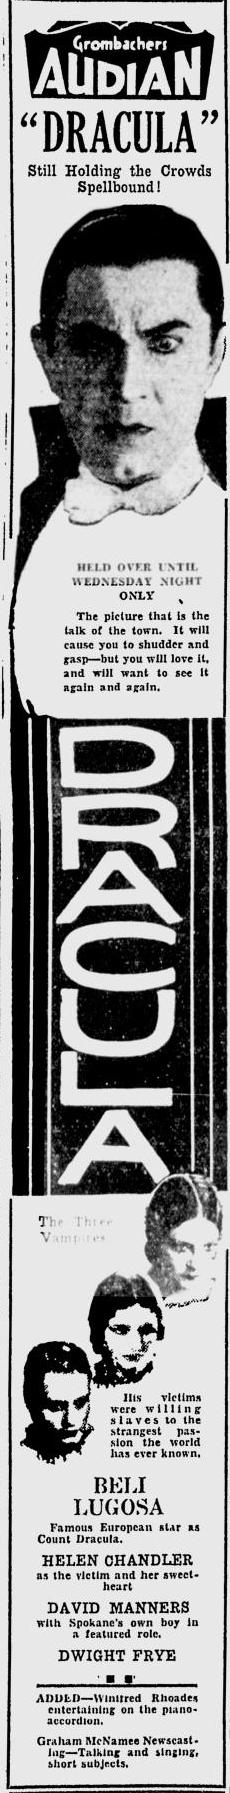 Dracula. Spokane Daily, April 13, 1931